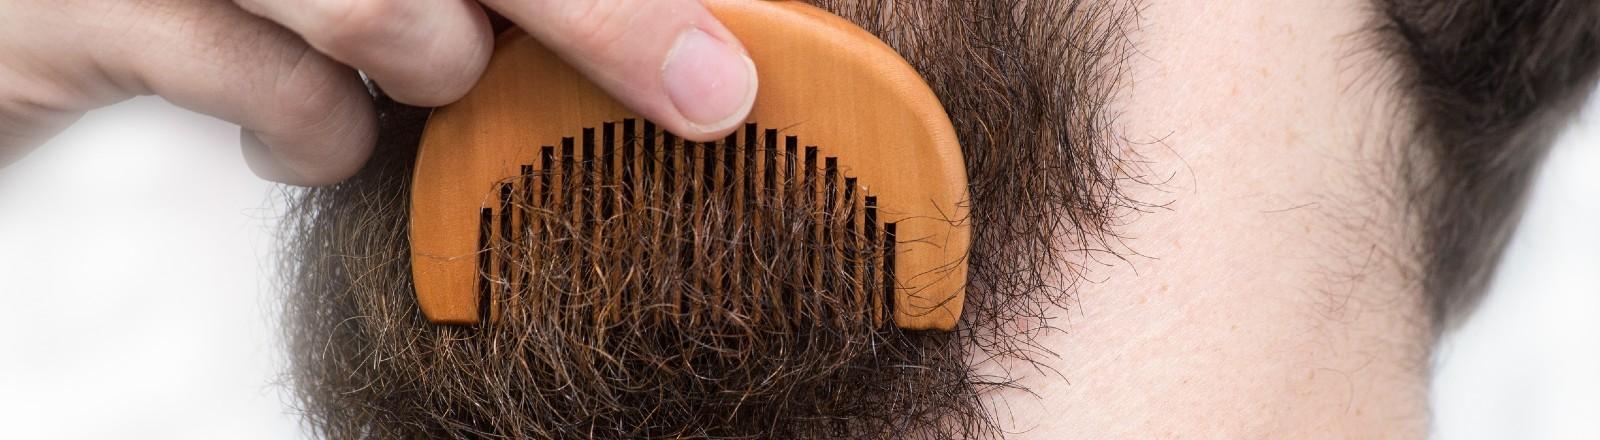 Ein Mann kämmt durch seinen Bart